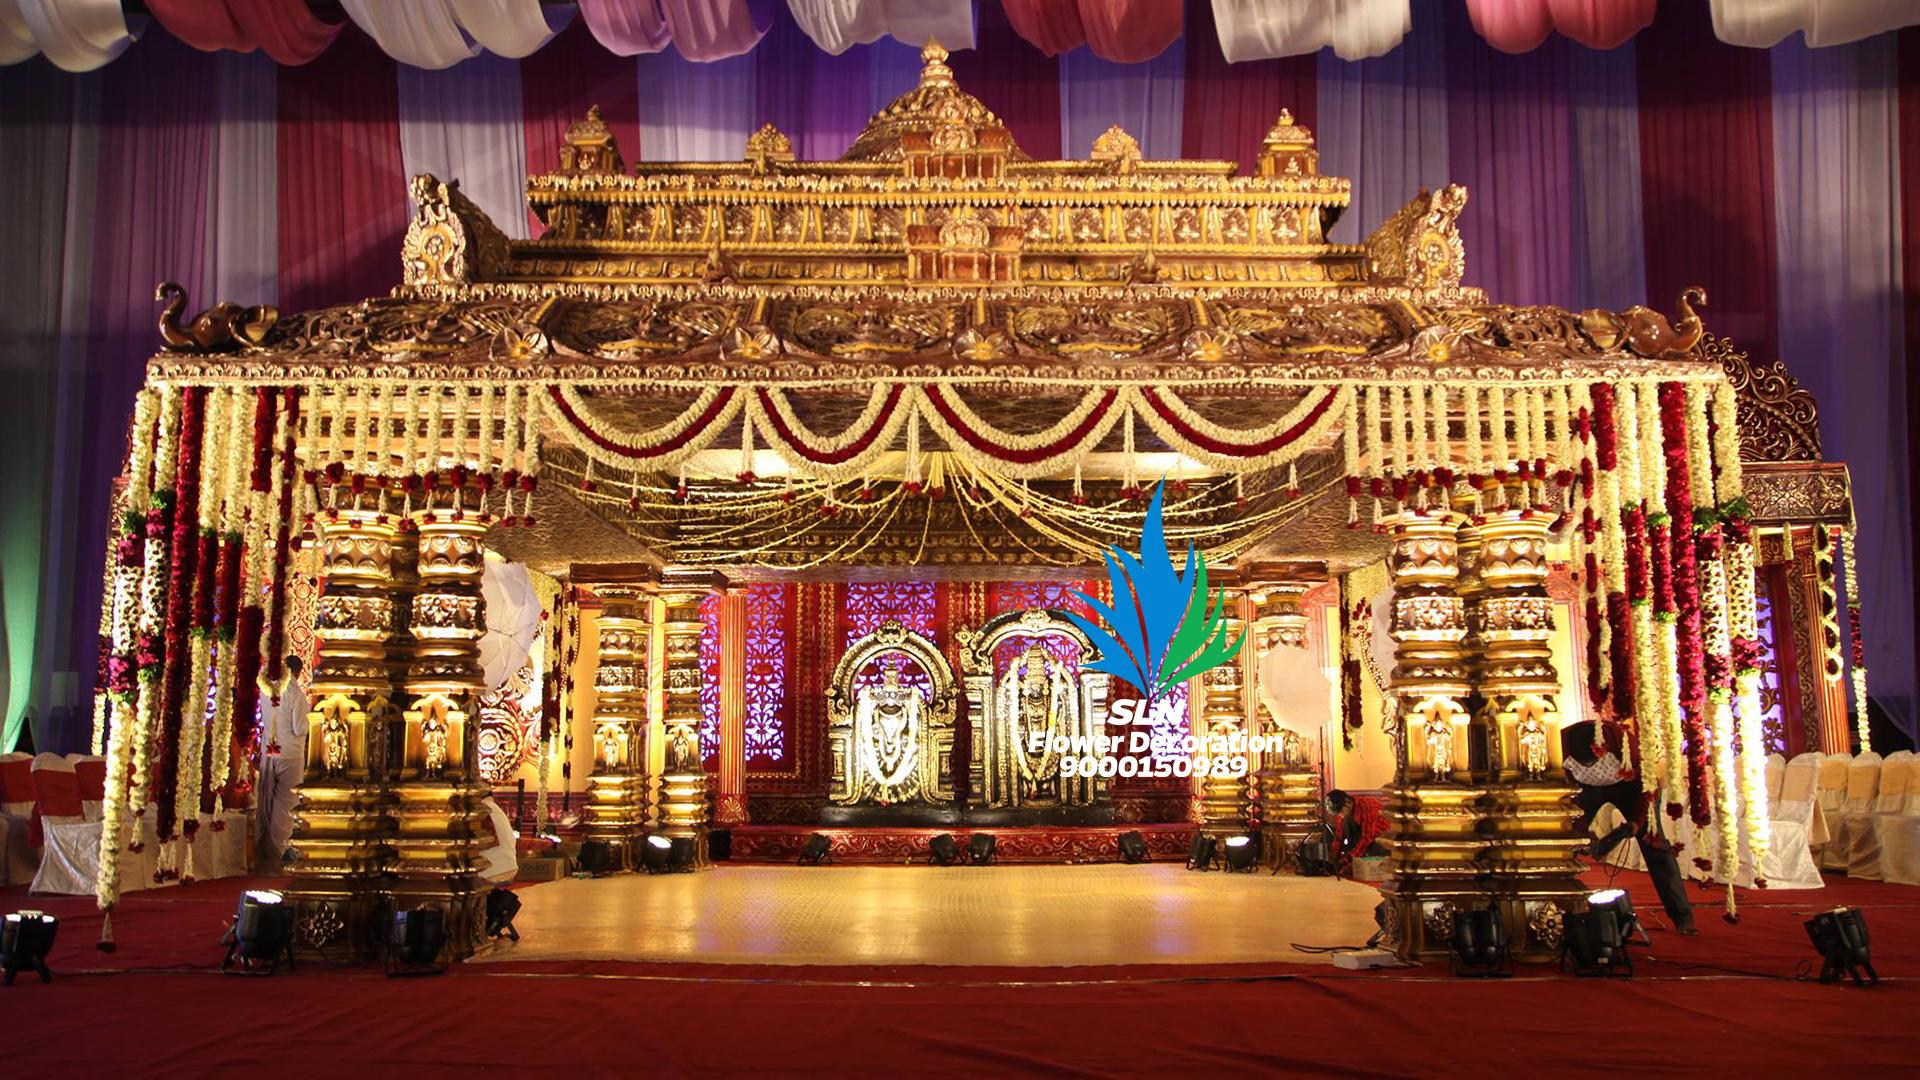 Fiber Mandapam | Wedding design decoration, Marriage ...